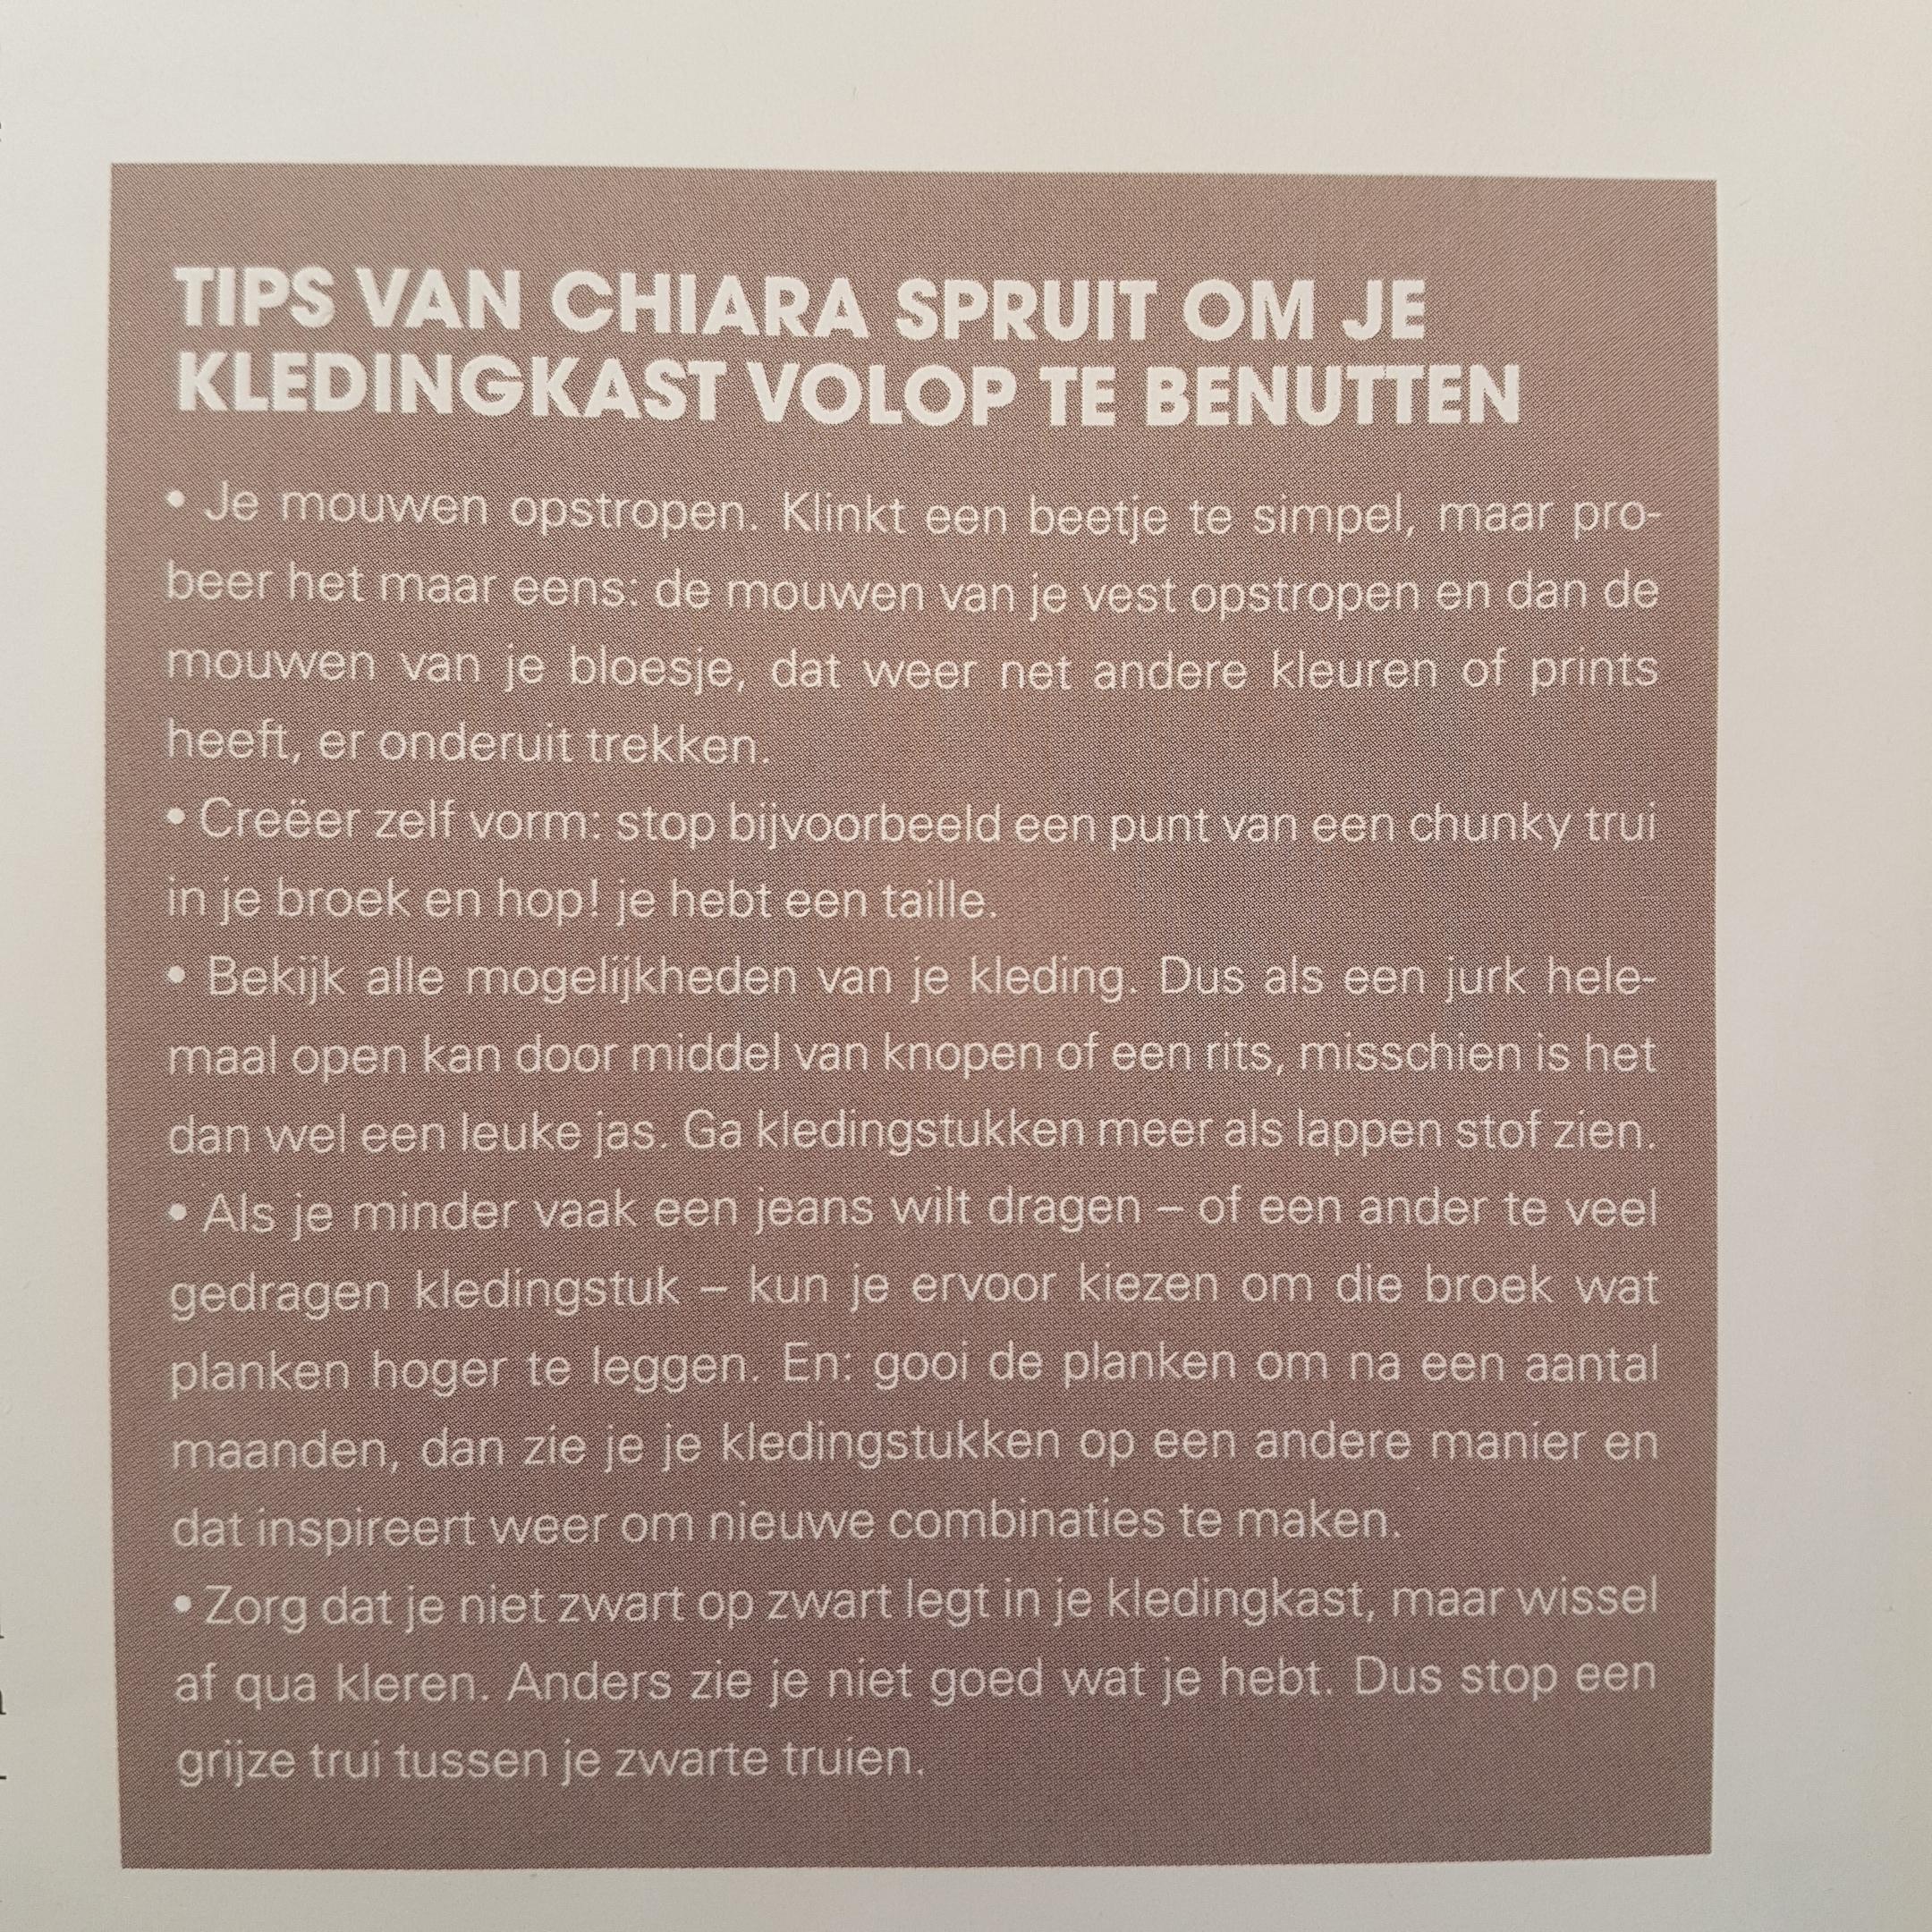 geschreven door Aaf Brandt Corstius voor Jan magazine